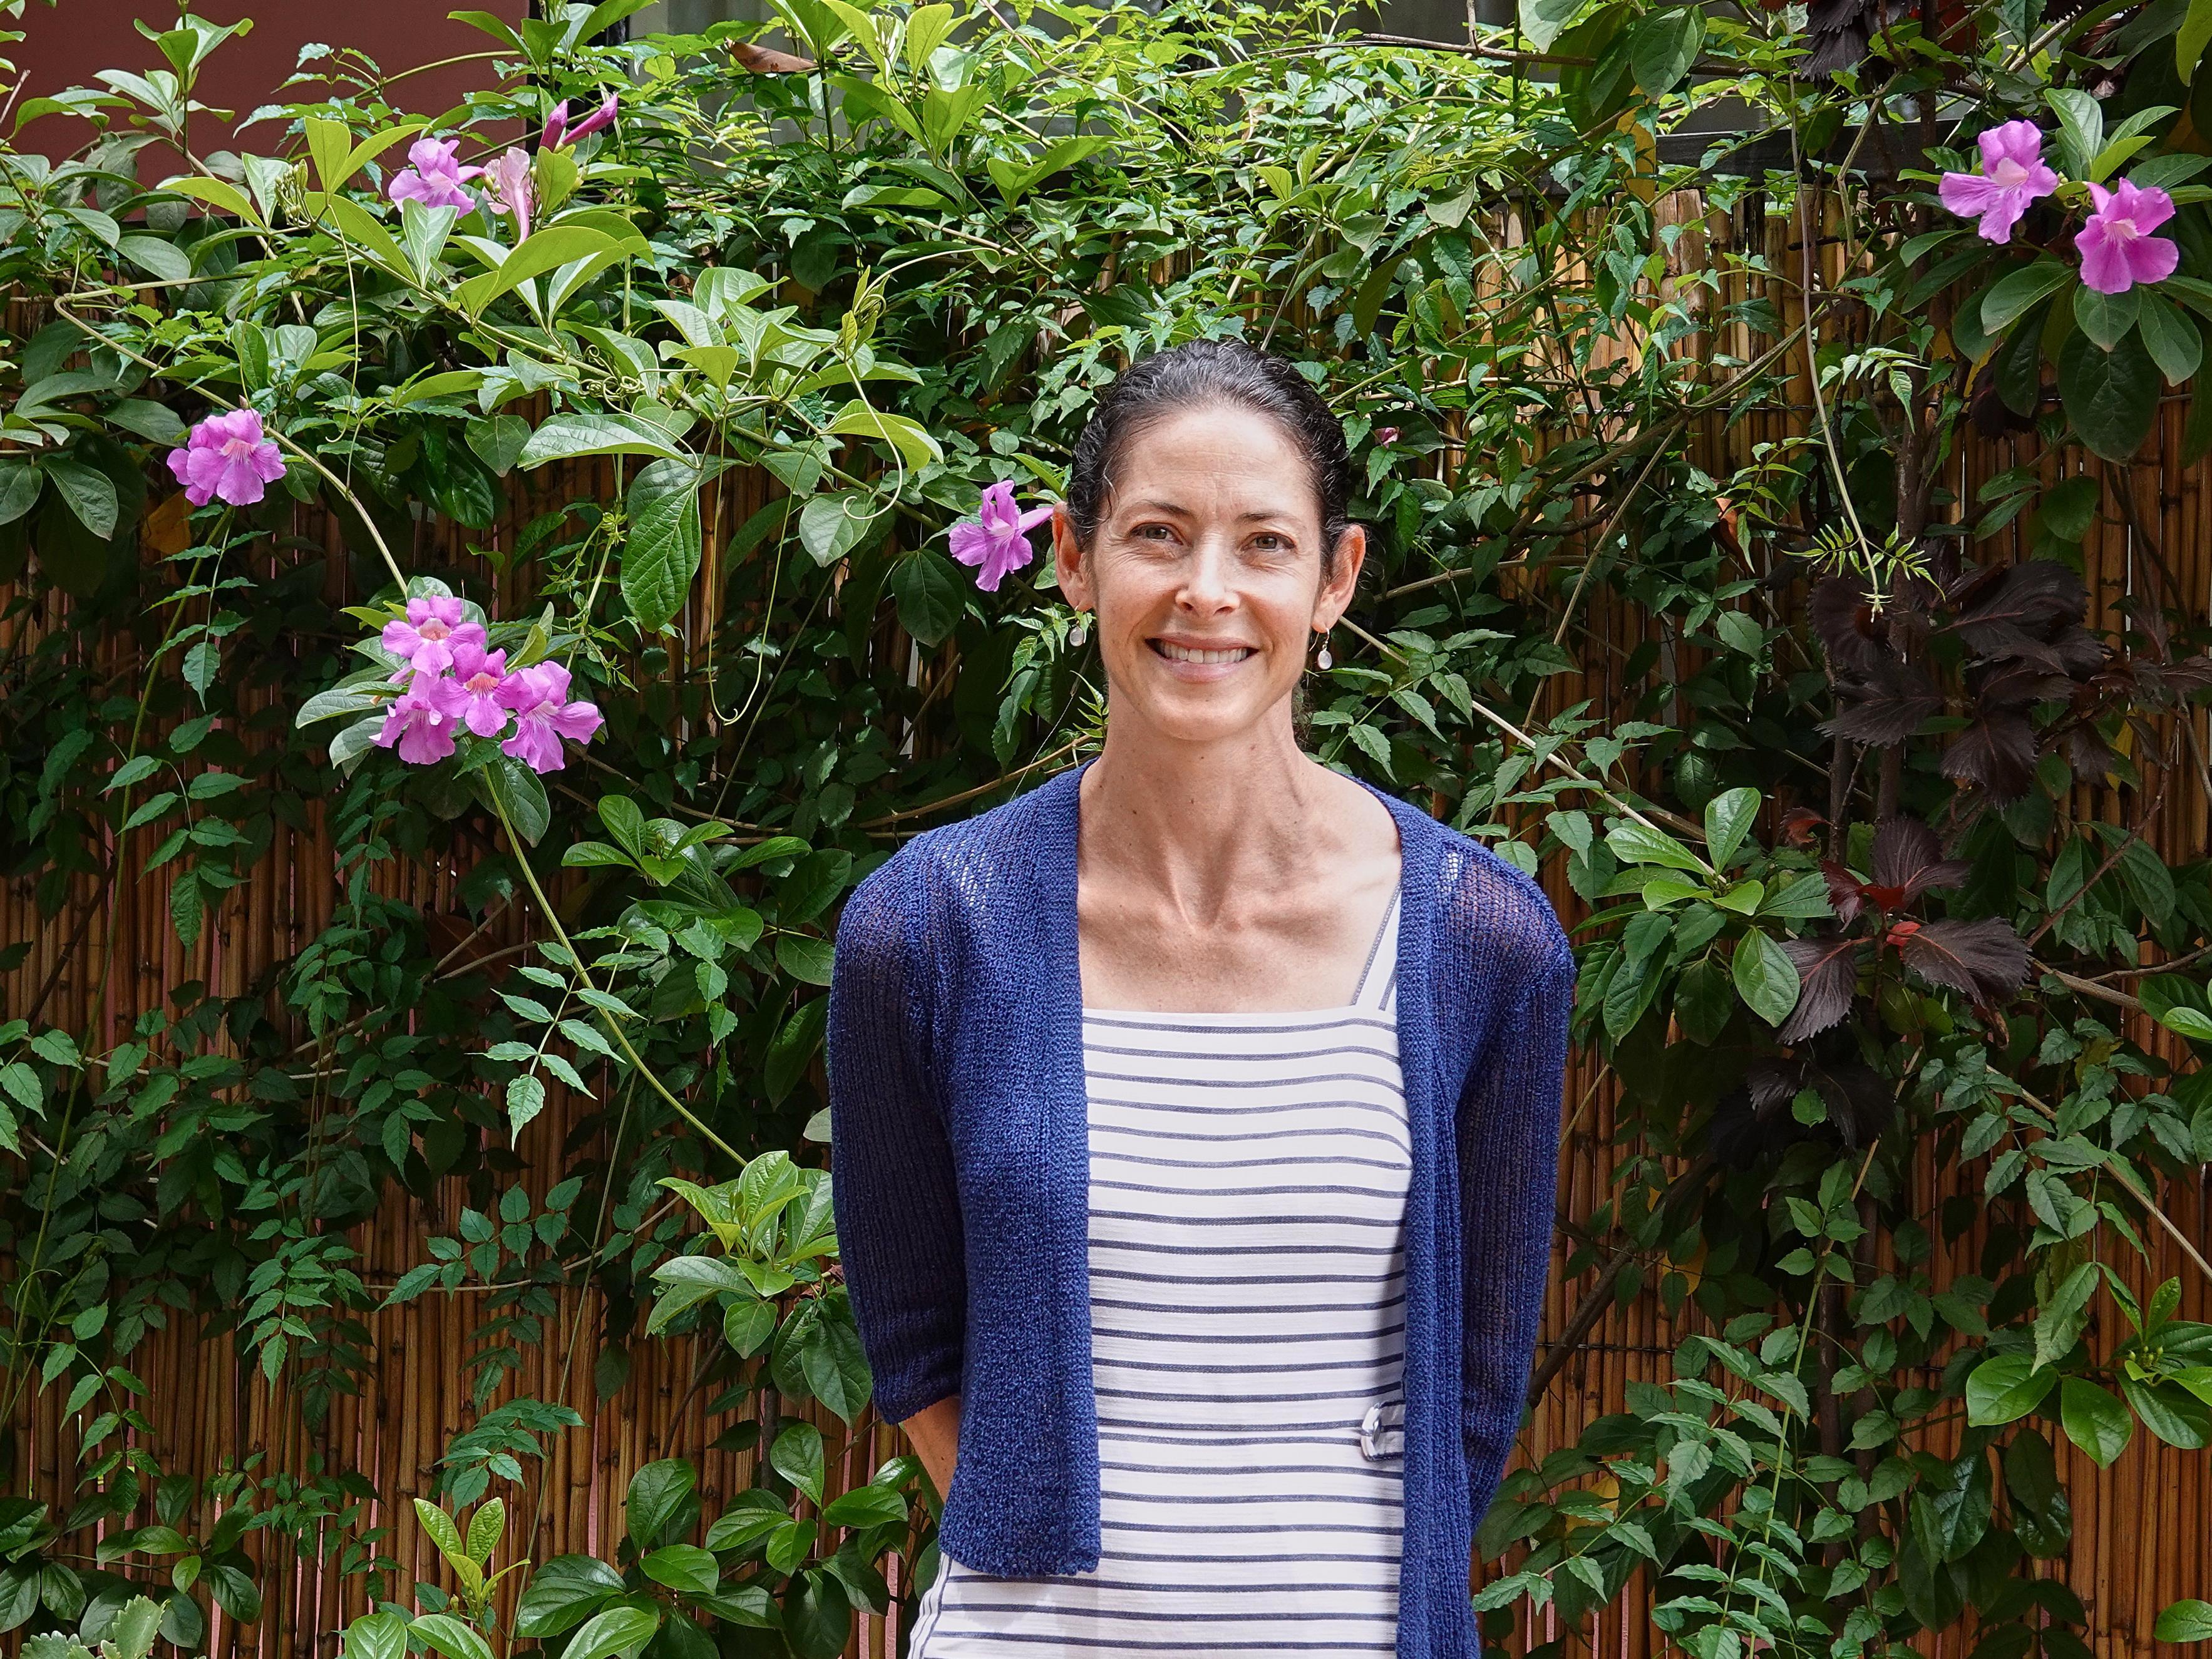 Alissa Ruxin, souriante, entourée d'une végétation luxuriante.